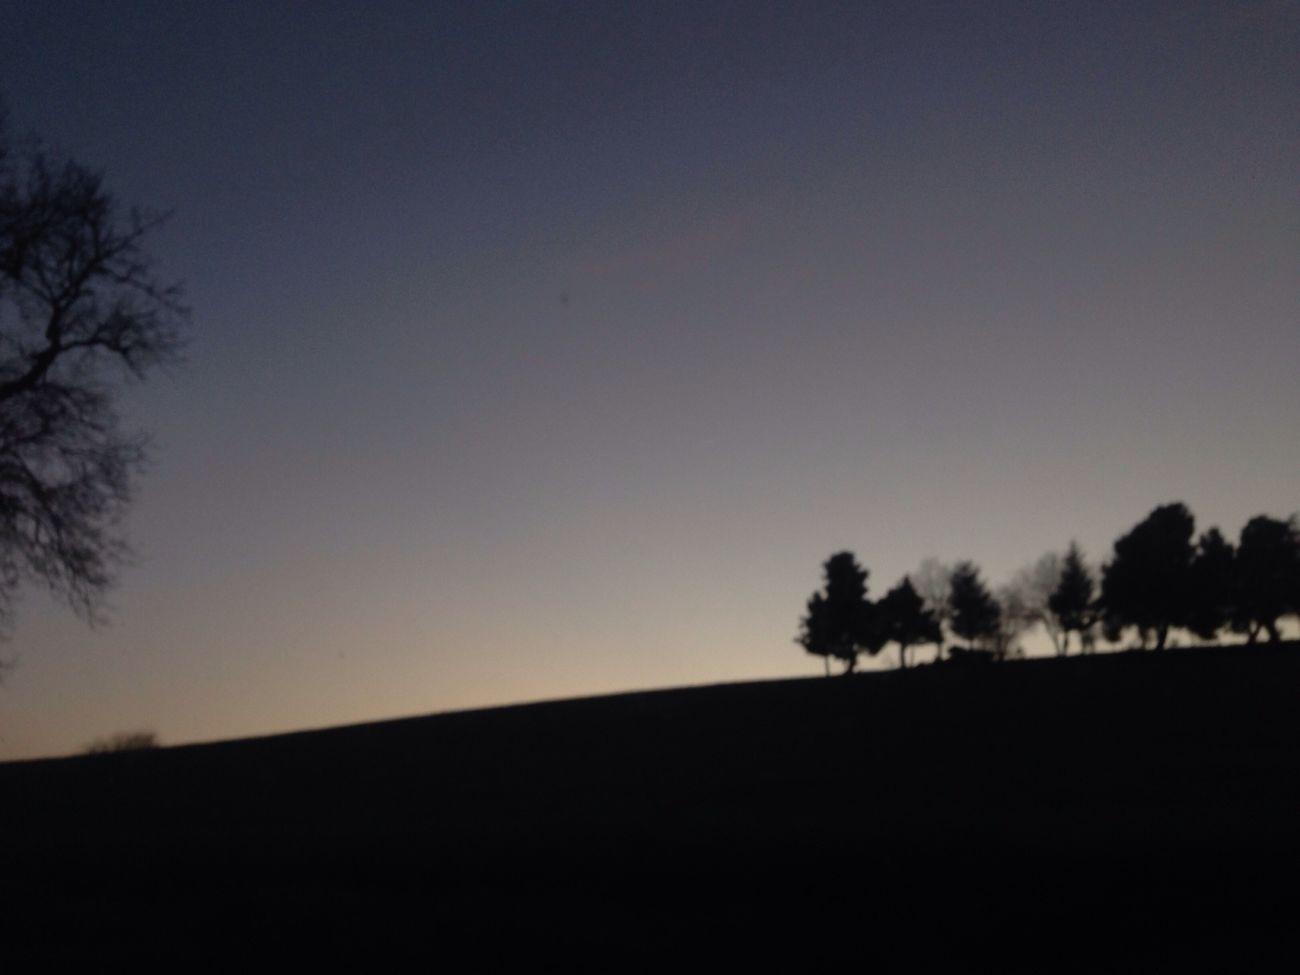 La natura è n'sogno Marcoperviaggiare Sky Seguireorizzonti AnacertaèNDOCAZZOSEMO?